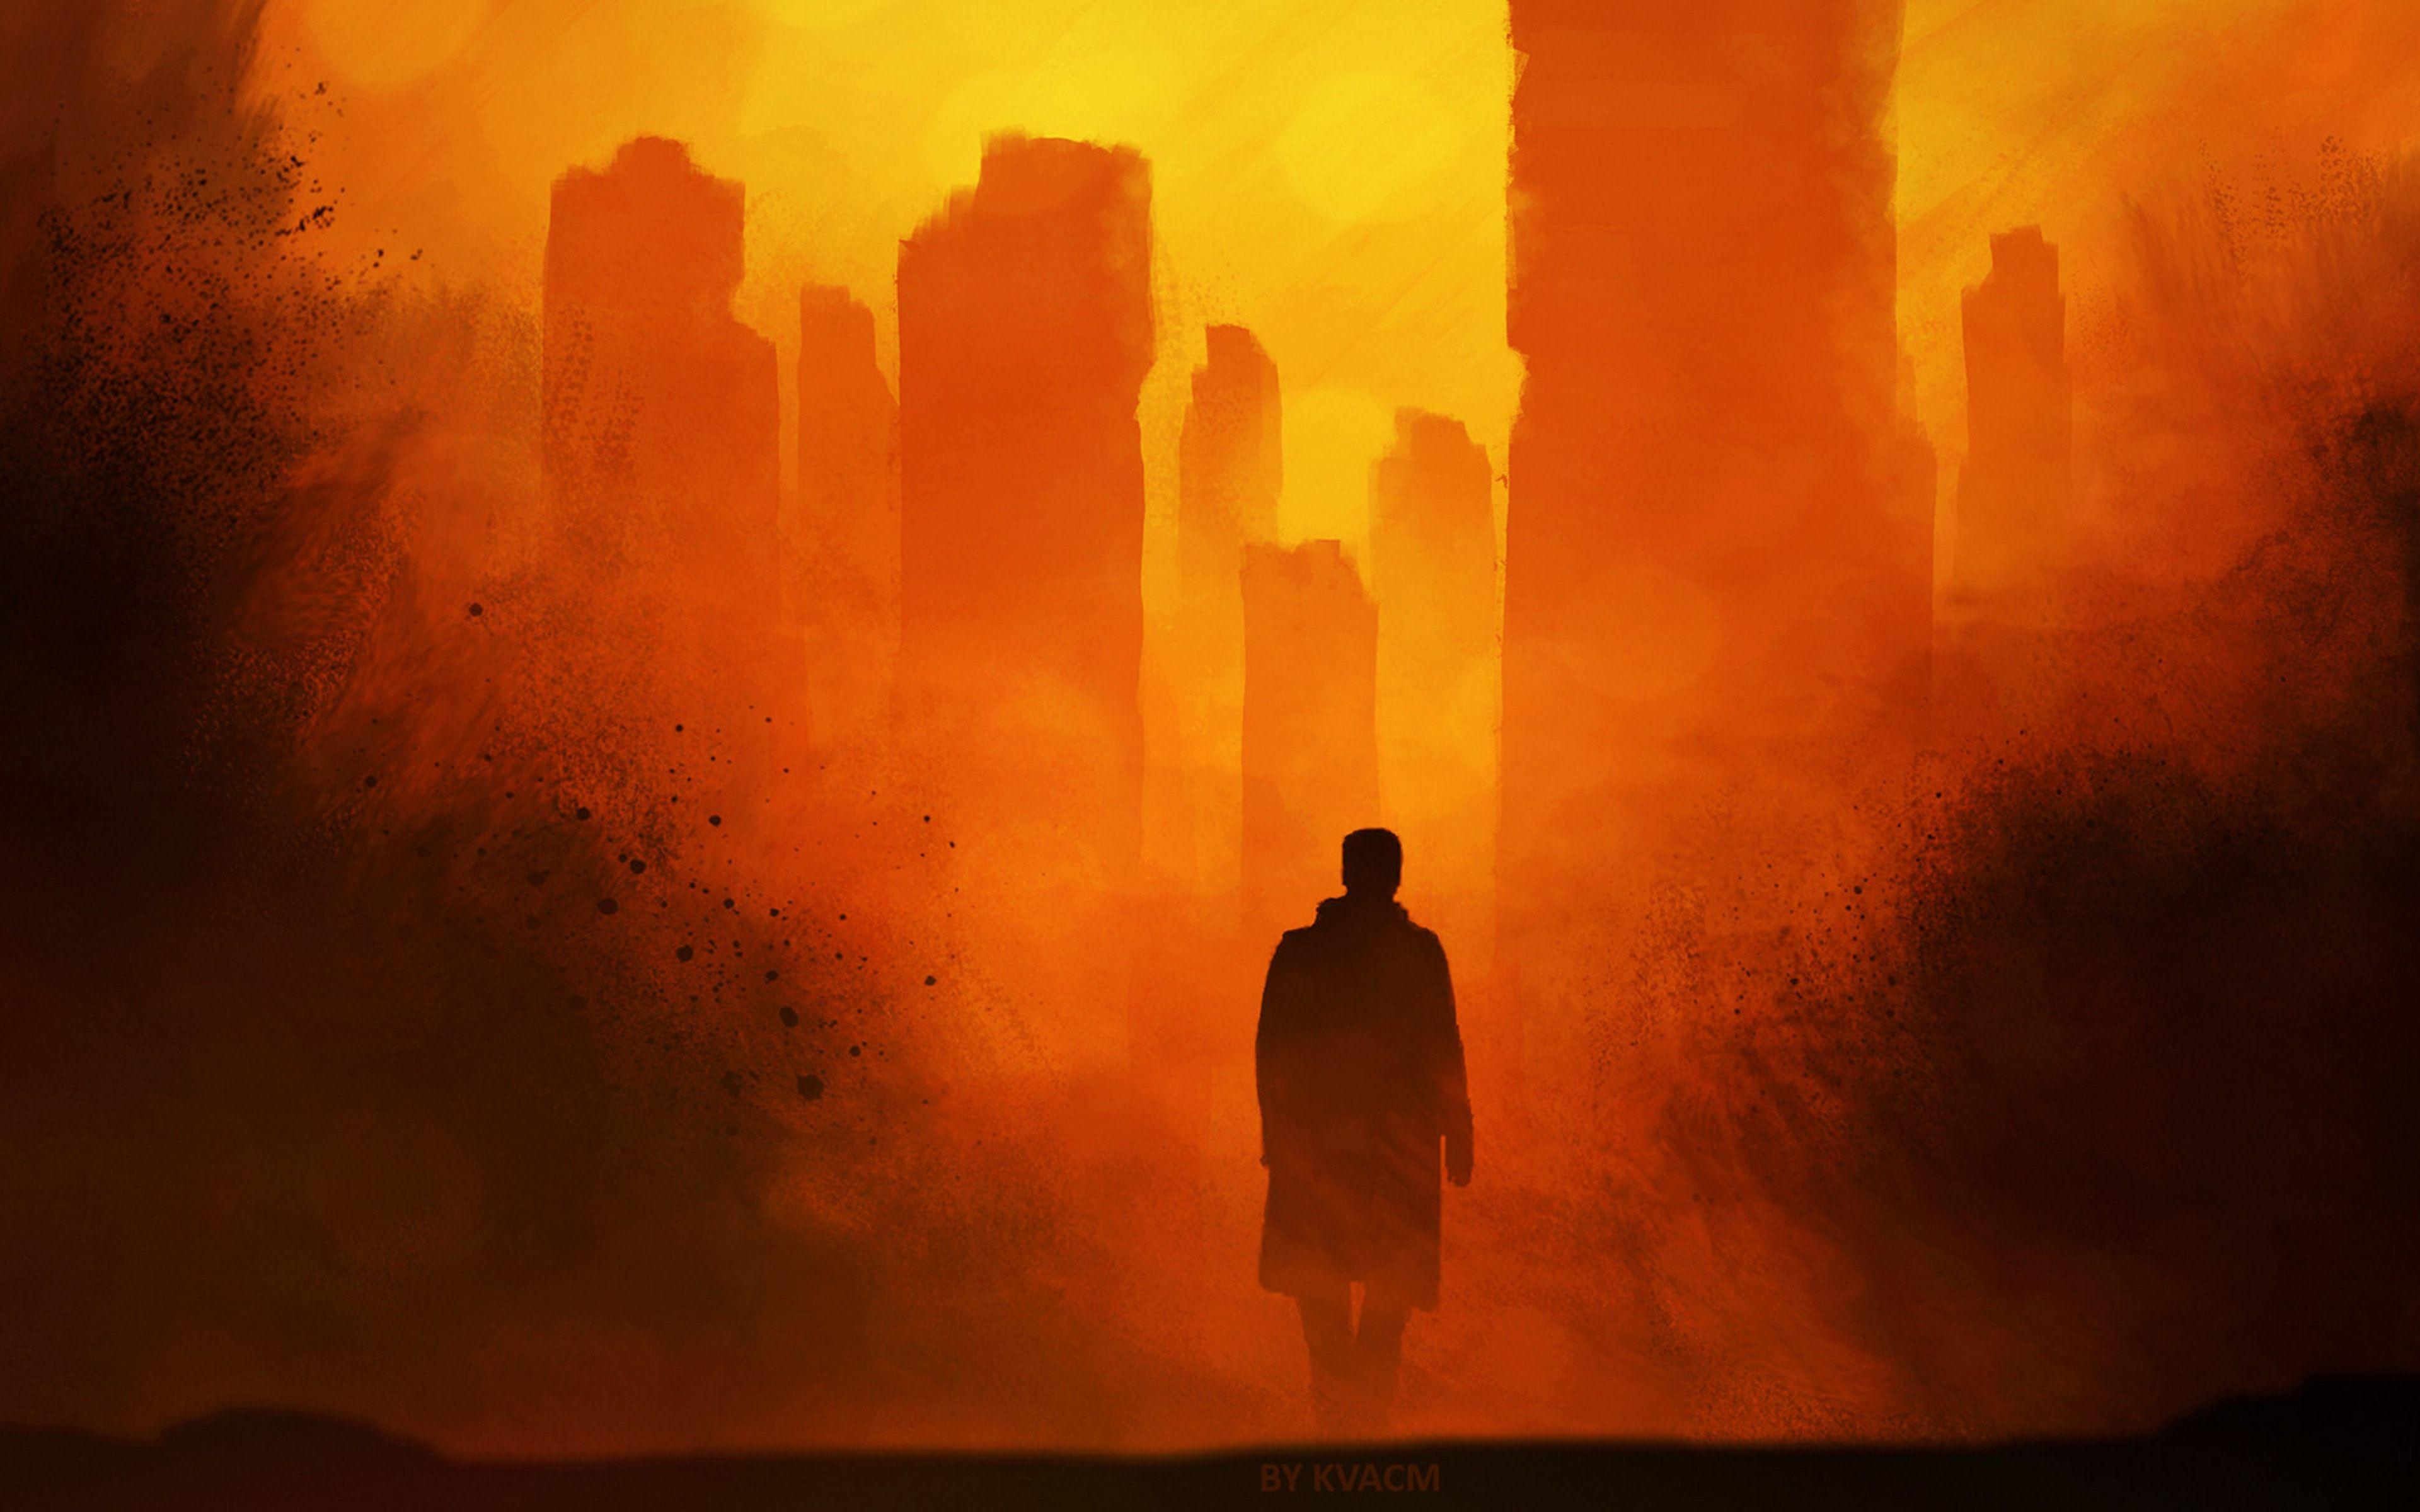 Blade Runner 2049 City Artwork 4k Blade Runner Wallpaper Blade